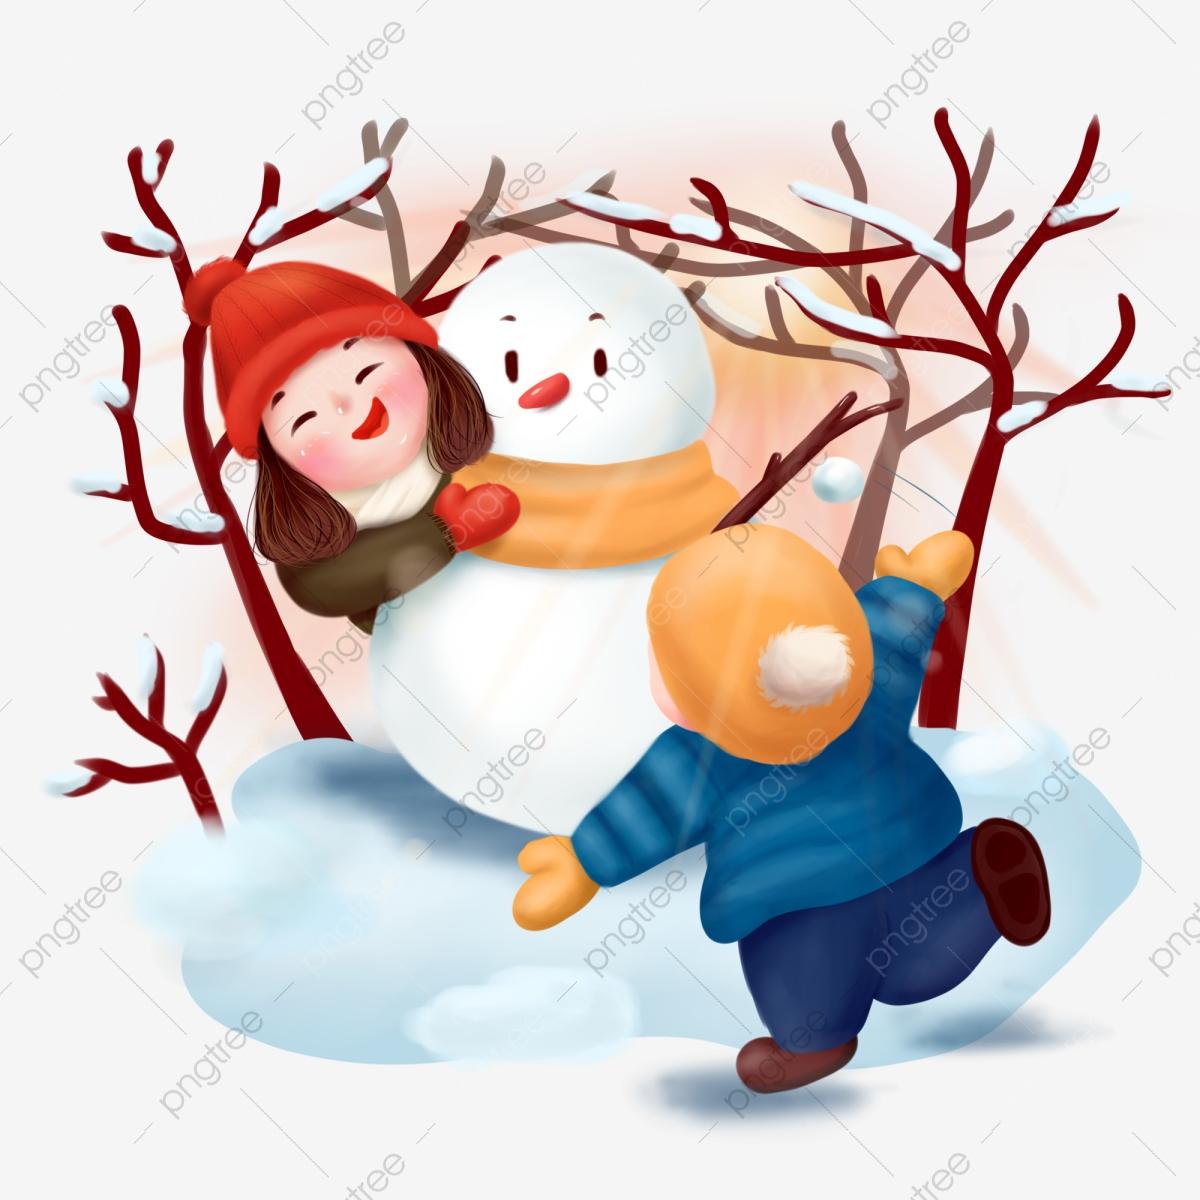 Snowball Hiver Jeux Pour Enfants Jouent Aux Illustrations concernant Jeux Pour Enfan Gratuit